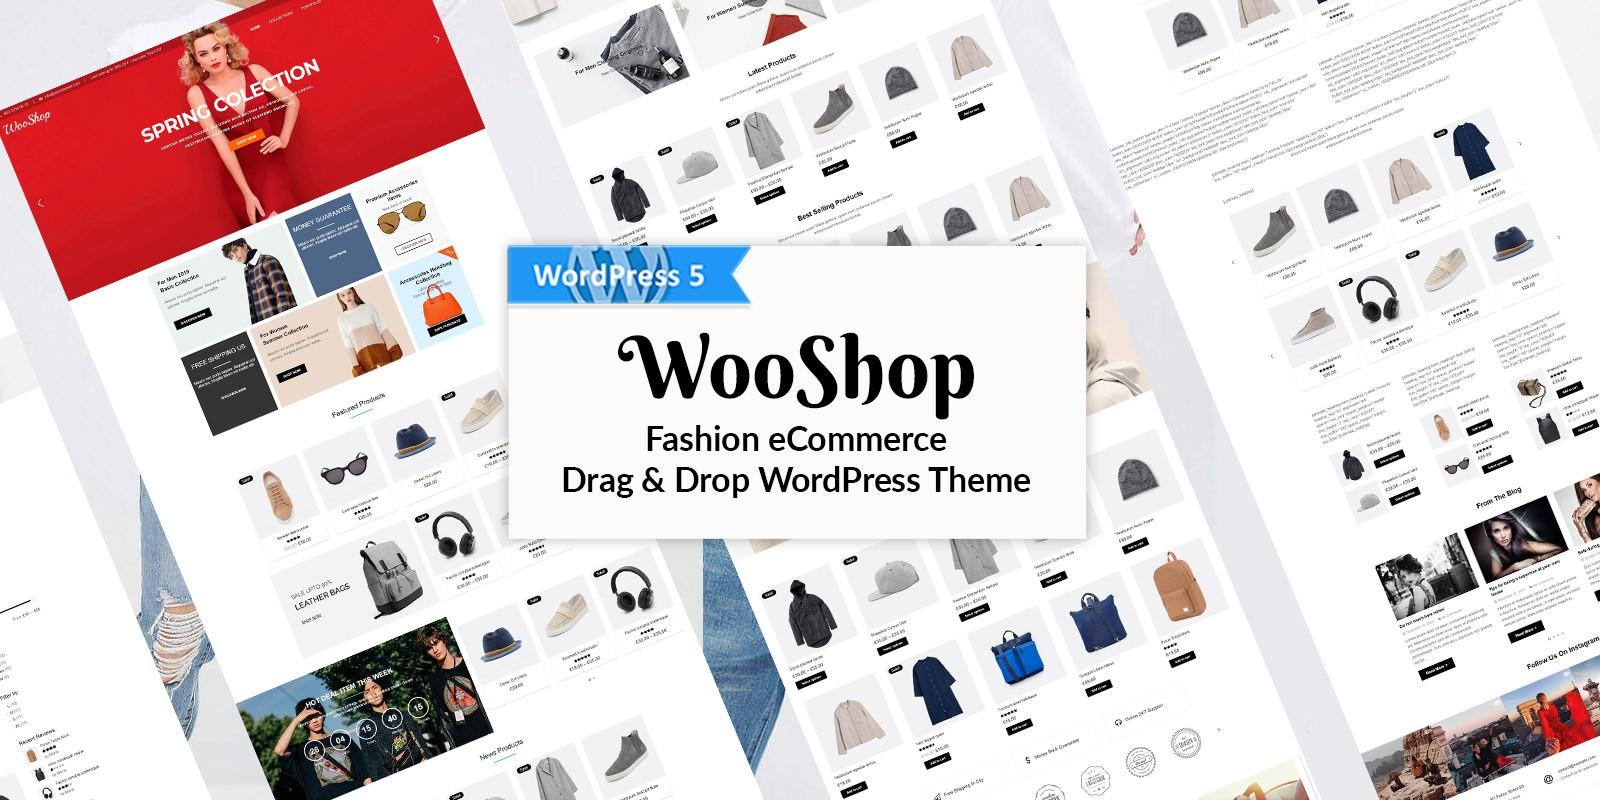 WooShop - Fashion eCommerce WooCommerce Theme